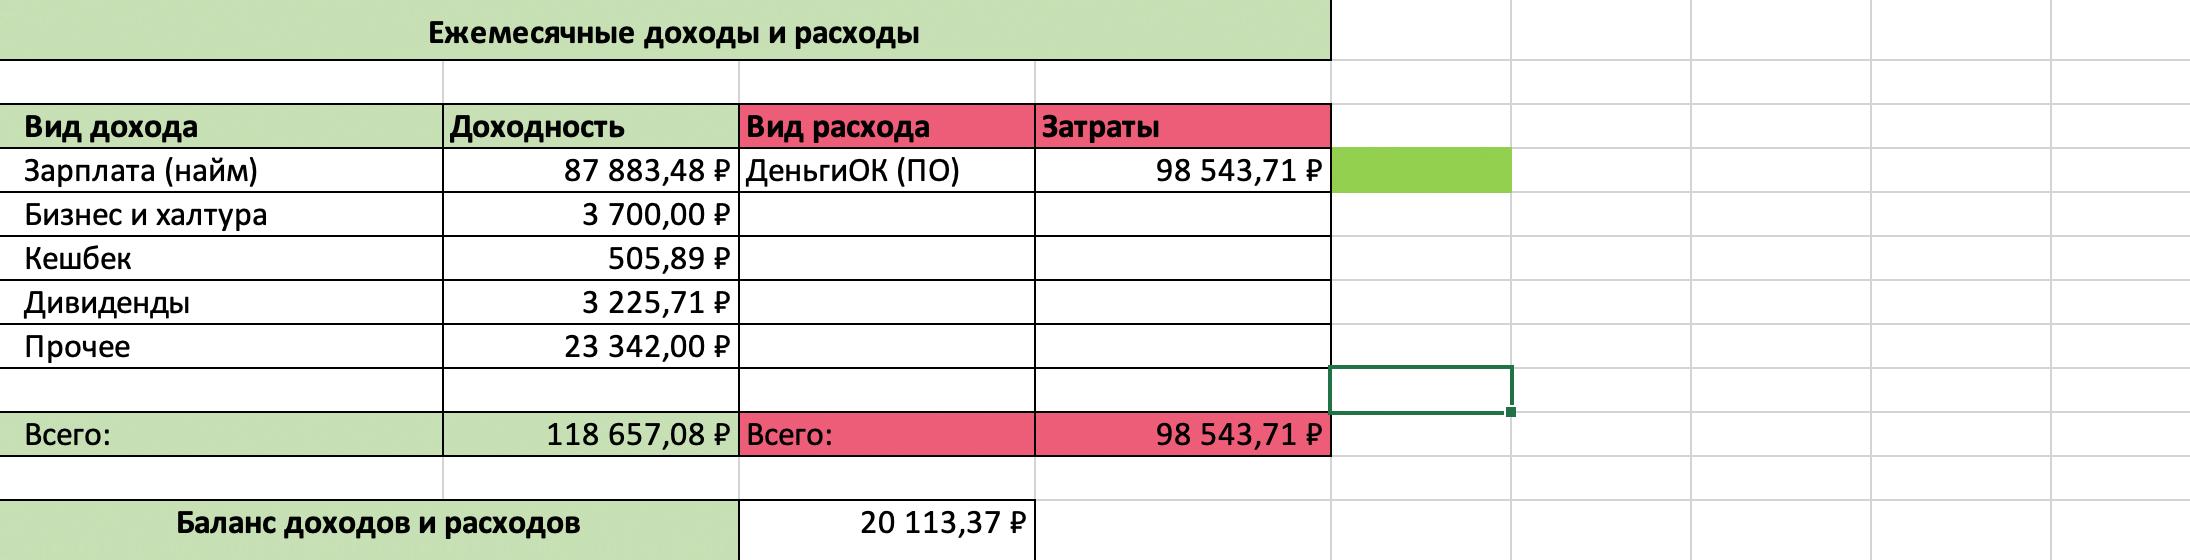 Мои доходы и расходы. В расходы я записываю общую сумму из приложения. В этот месяц была зарплата немного меньше обычного, потому&nbsp;что я брал отпуск за свой счет. В прочее у меня входят две категории: подарок на день рождения и 12 130<span class=ruble>Р</span> от налоговой как ИП из пострадавшей области